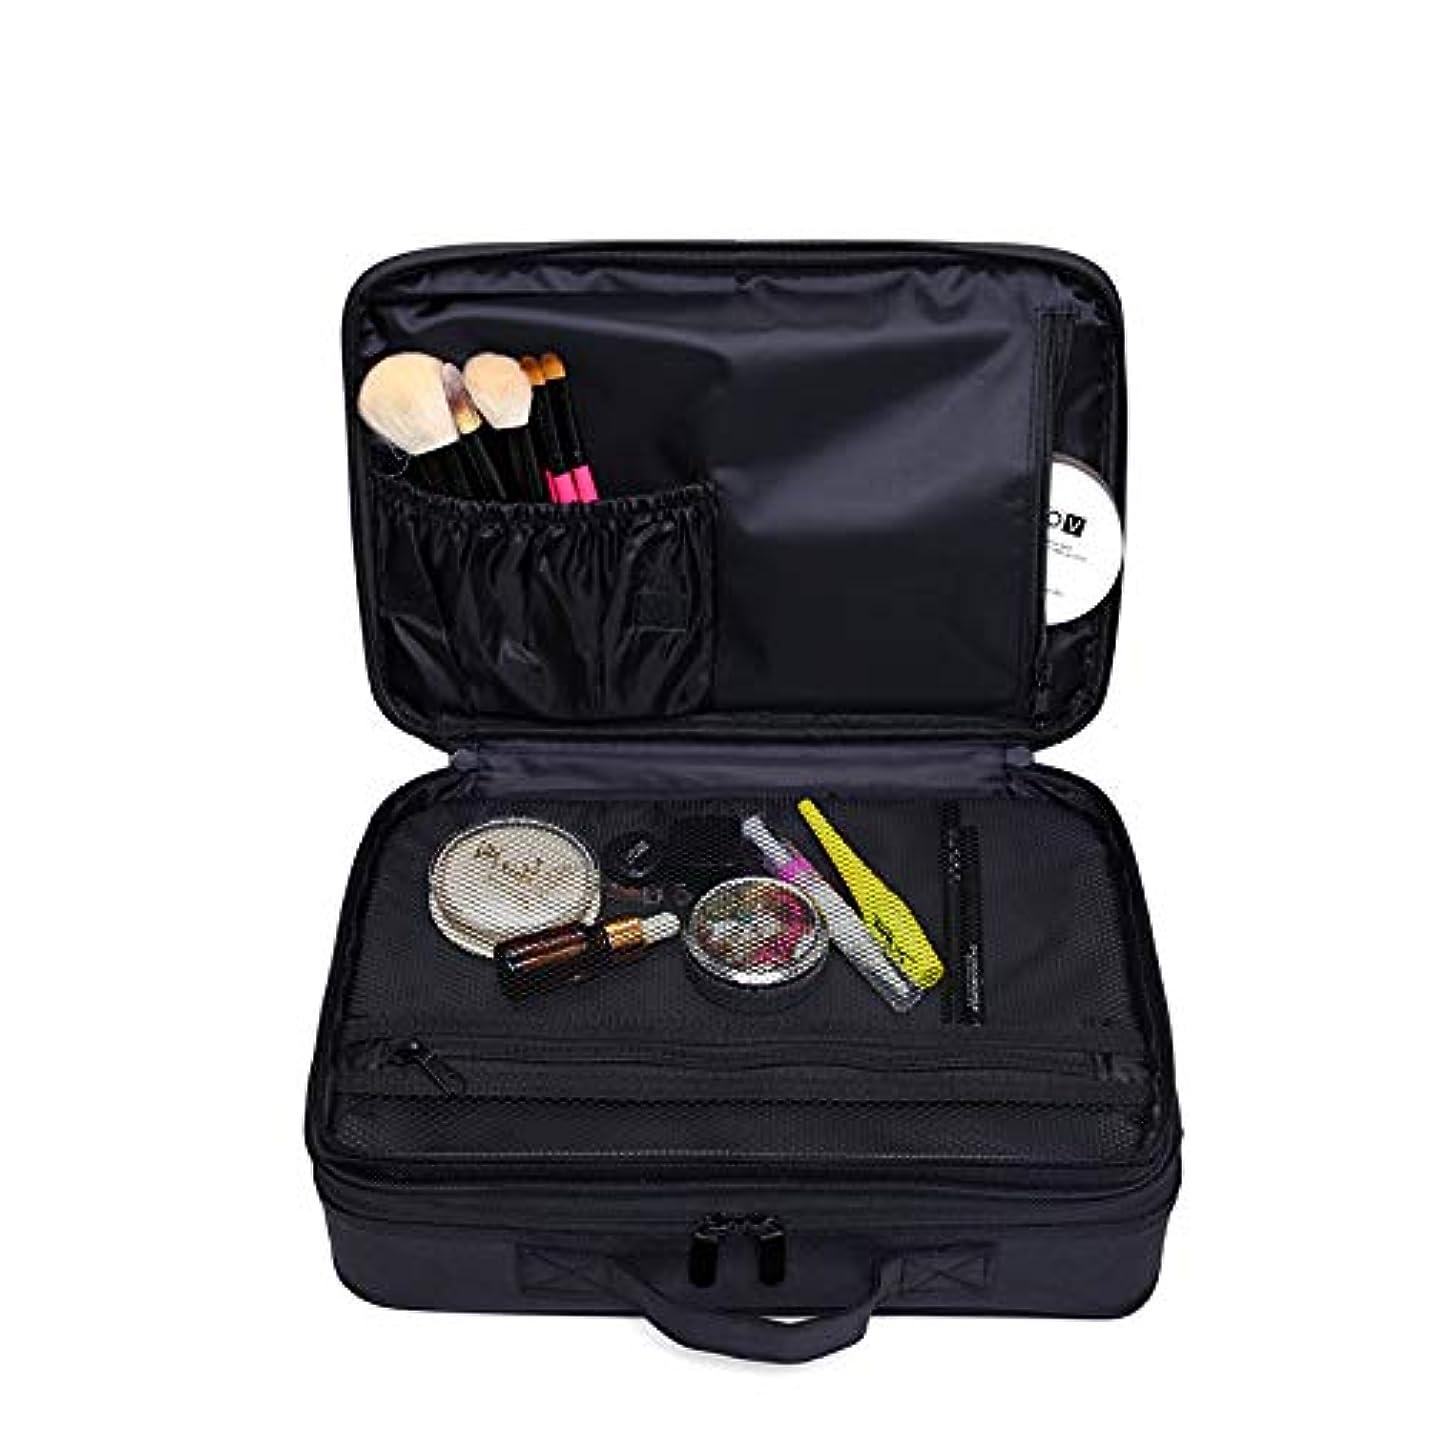 ハンカチ本を読むワイヤーメイクボックス 大容量 コスメボックス プロ用 持ち運び便利 高品質3層化粧箱 收納抜群コスメ収納 多機能 旅行用 ブラック